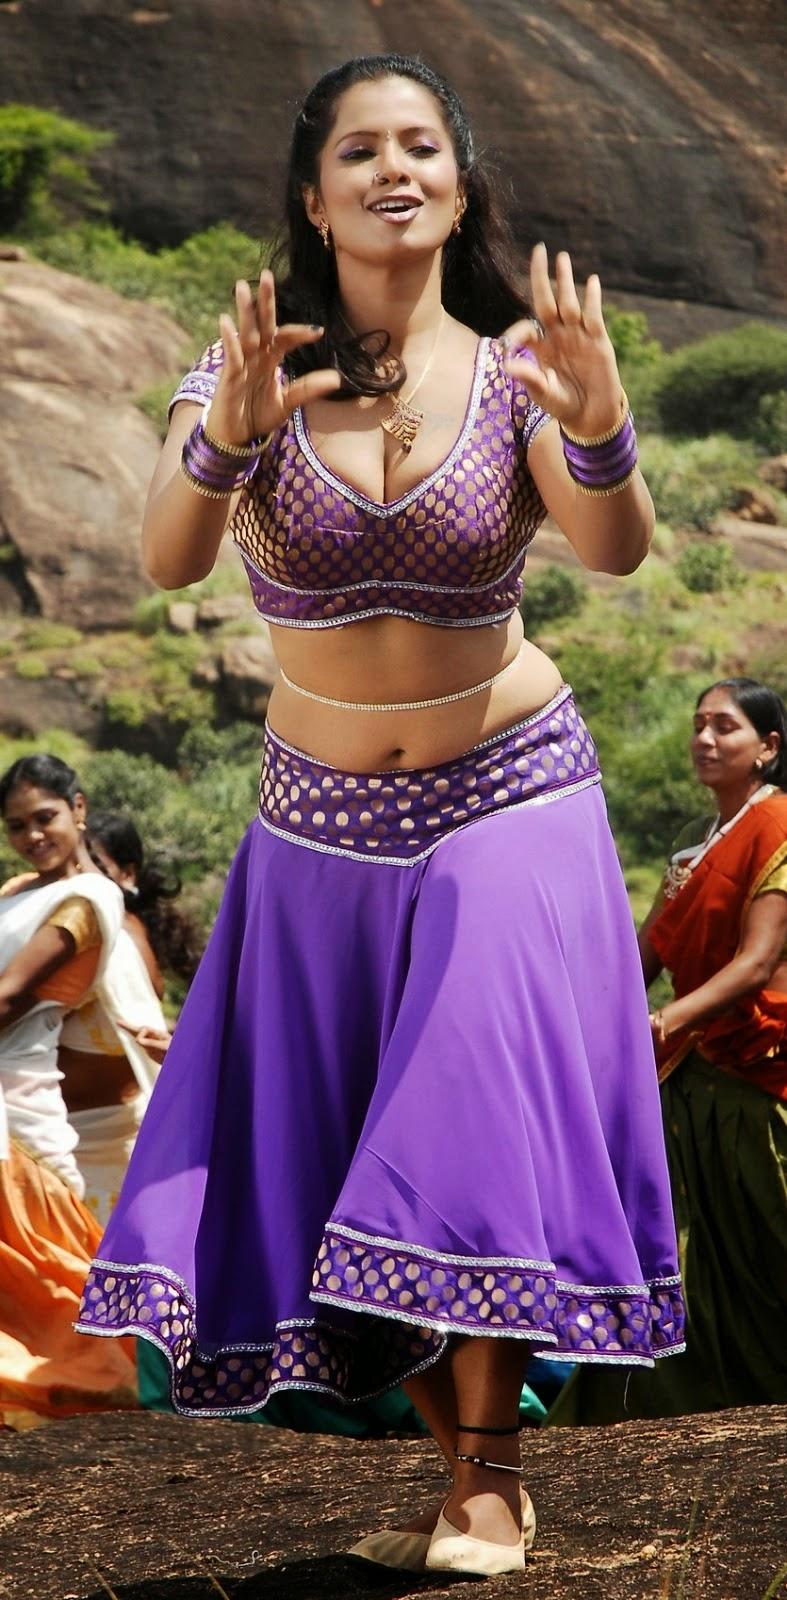 Samantha Hd Wallpapers In Saree Actress Hd Gallery Tamil Actress Gayathri Navel Stills